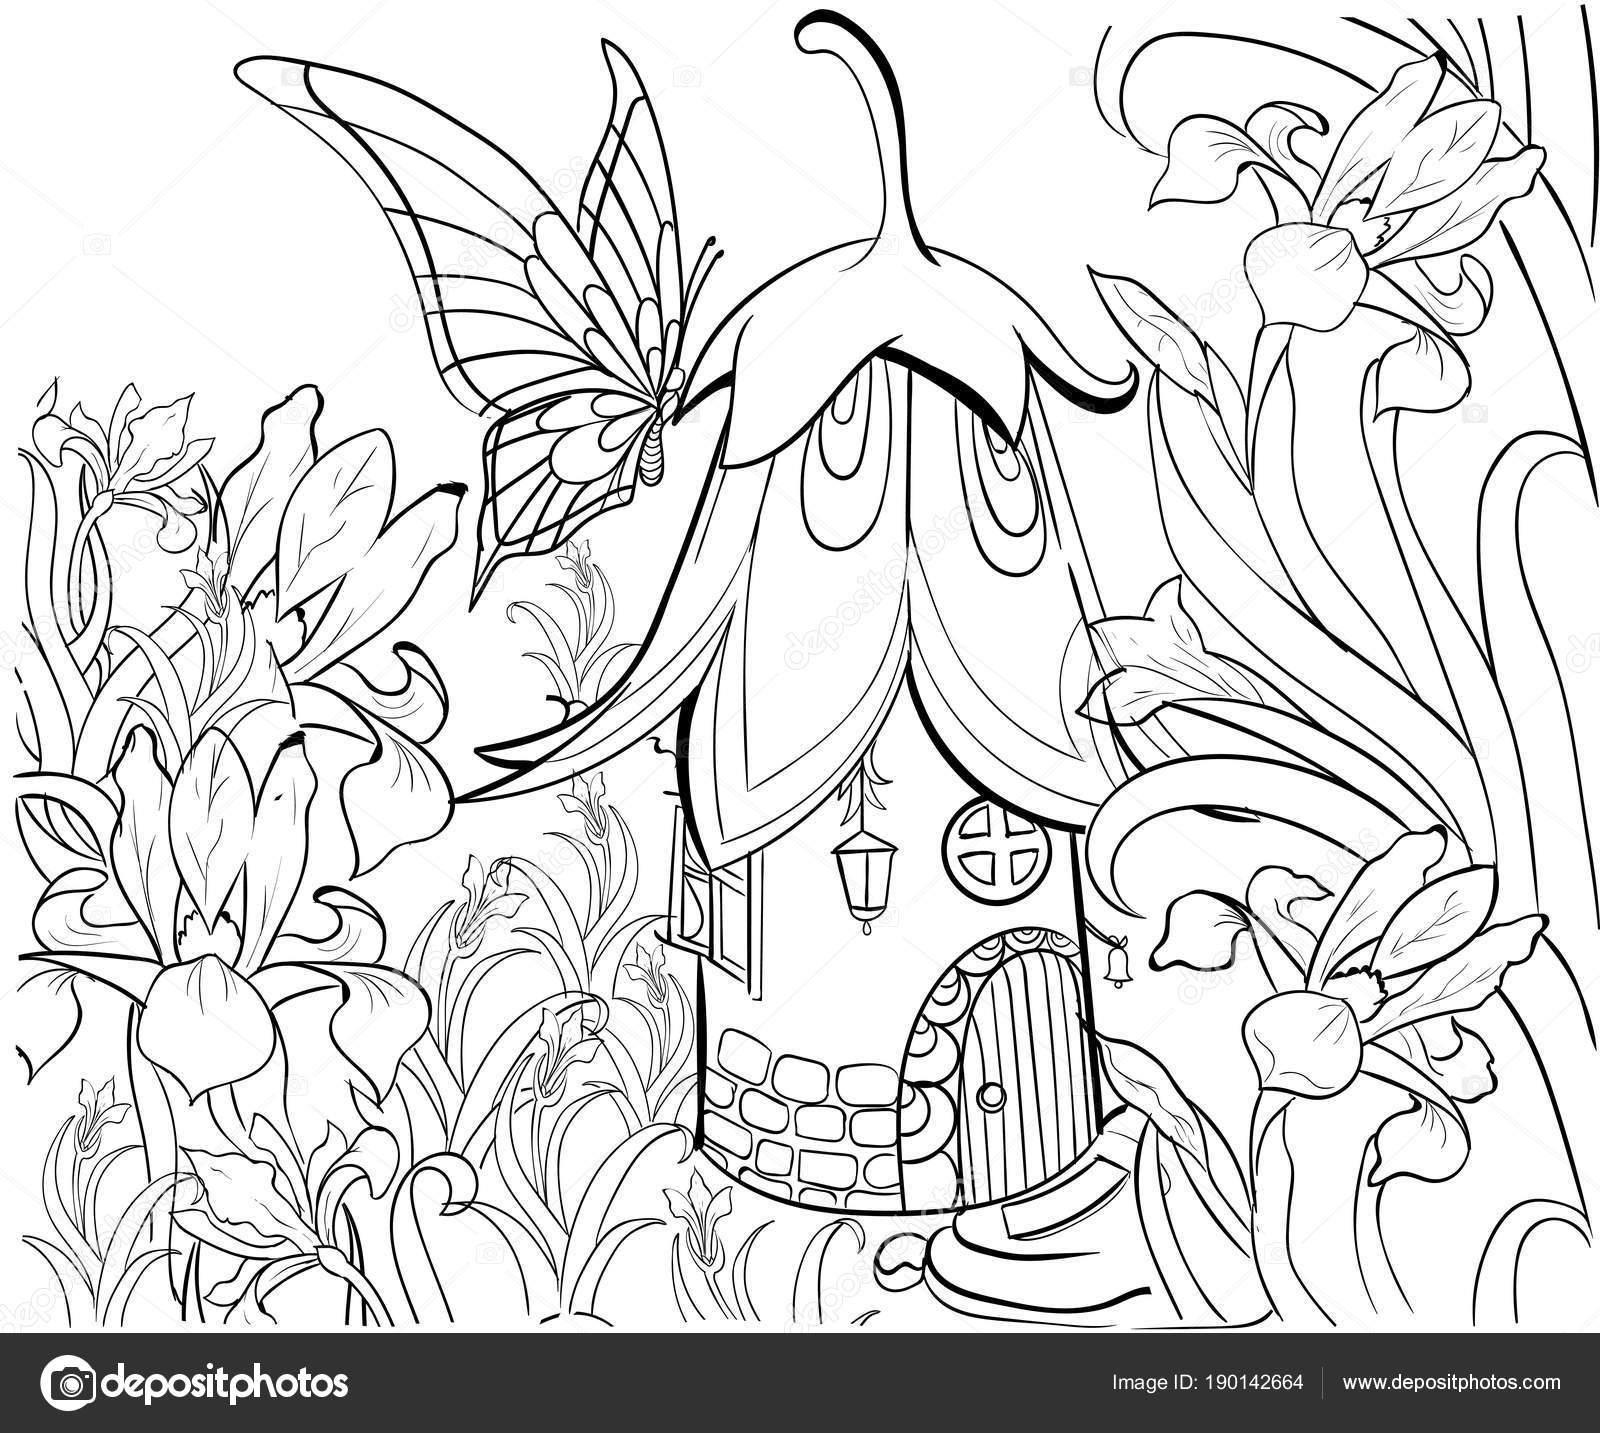 Kleurplaten Voor Volwassenen Tattoo.Fairy Huis Kleurplaten Boek Floral Elementen Vlinder En Bloemen